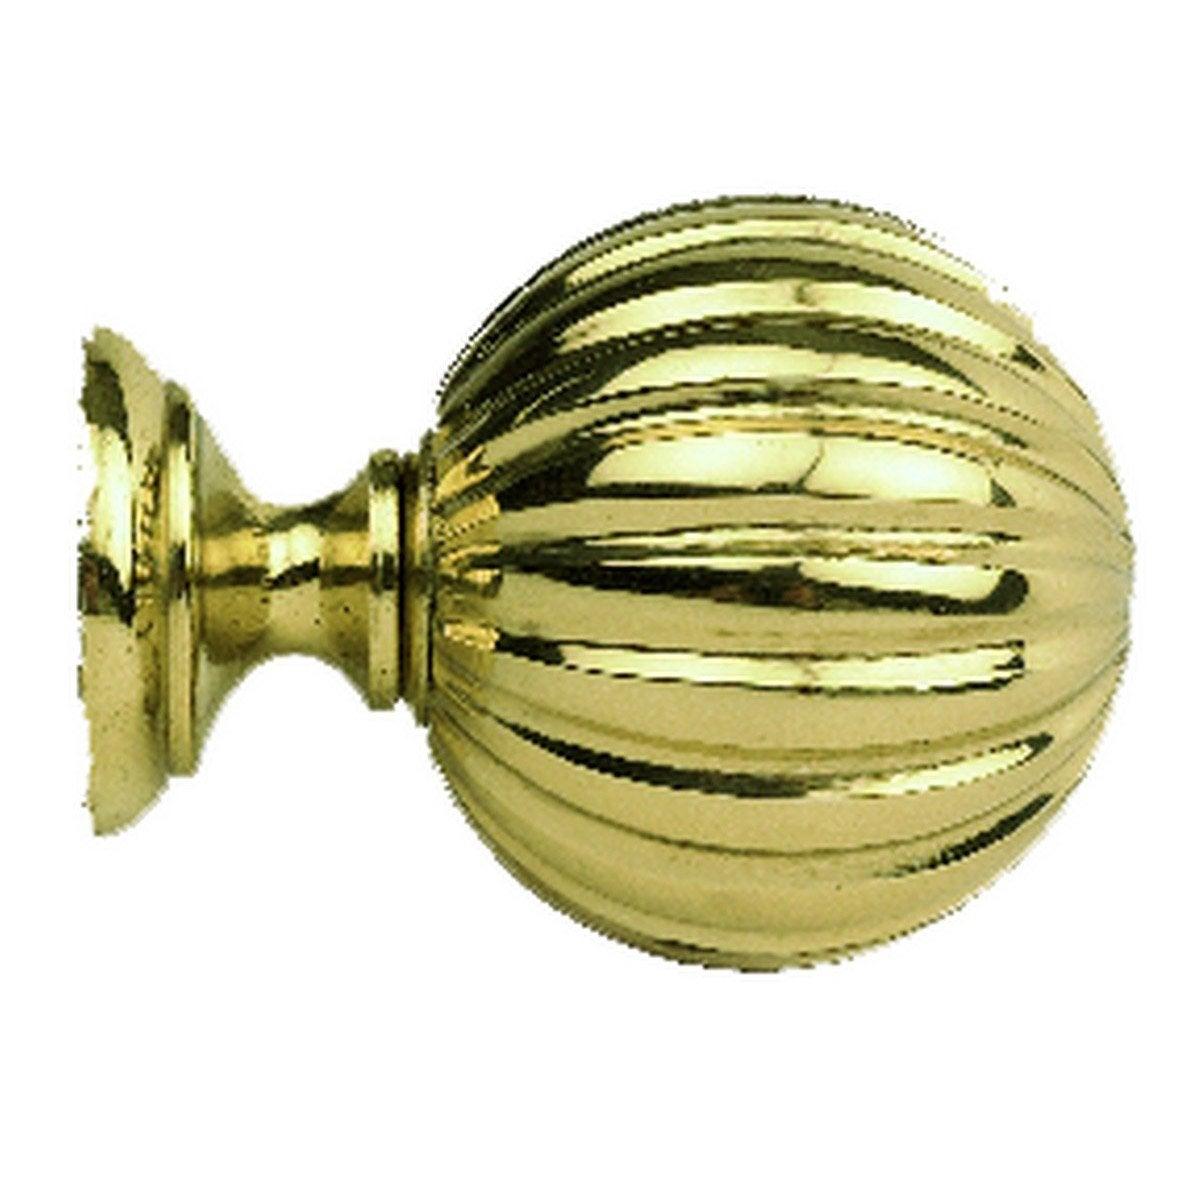 Embout boule inspire pour tringle rideau mm - Leroy merlin tringle rideau ...